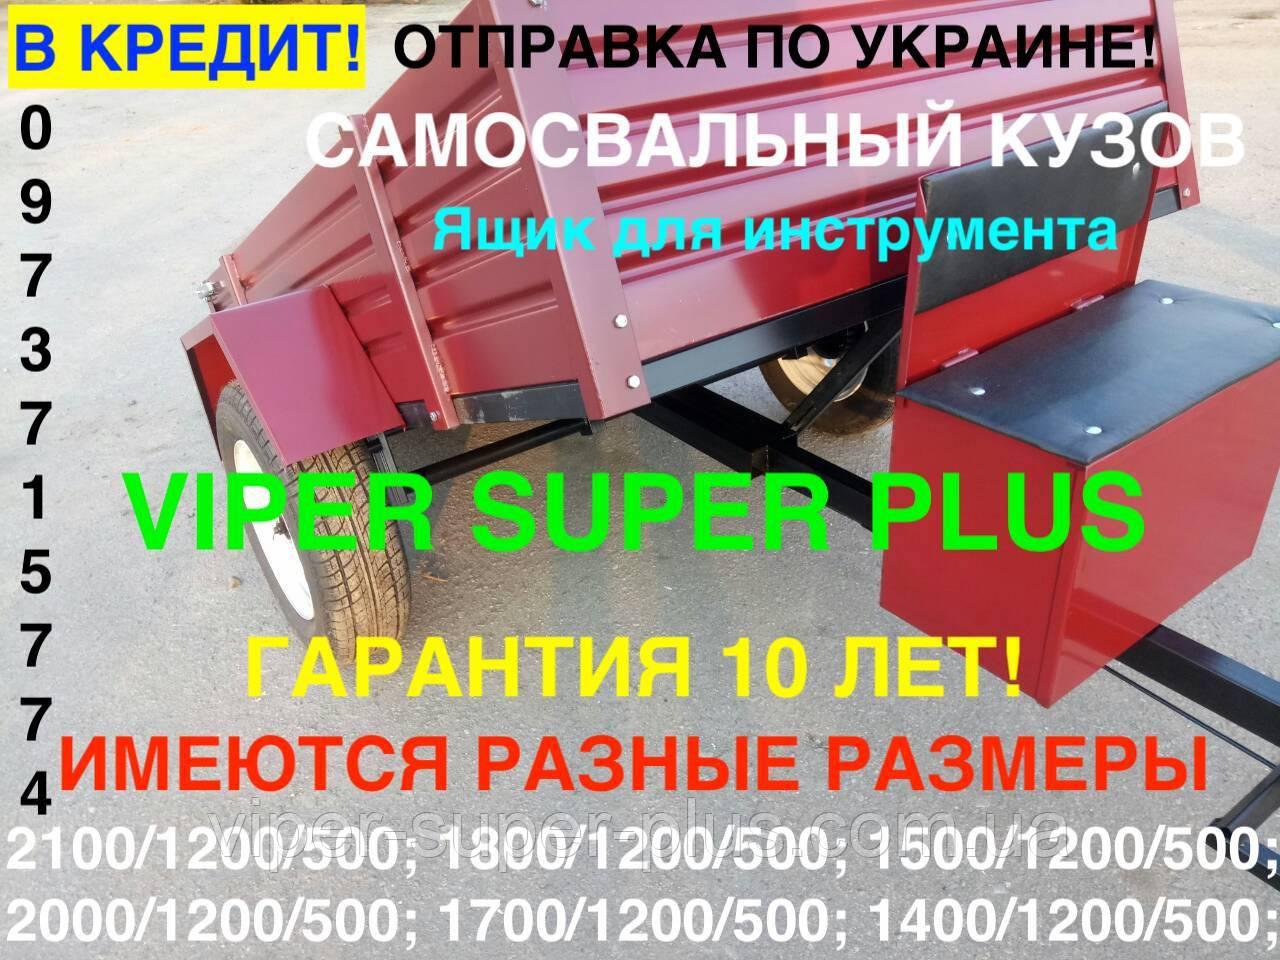 Прицеп Самосвал для Мотоблока VSP-2000R КРАСНЫЙ (Выдерживает нагрузку до 900 кг) 2х Метровый. БЕЗ КОЛЁС!